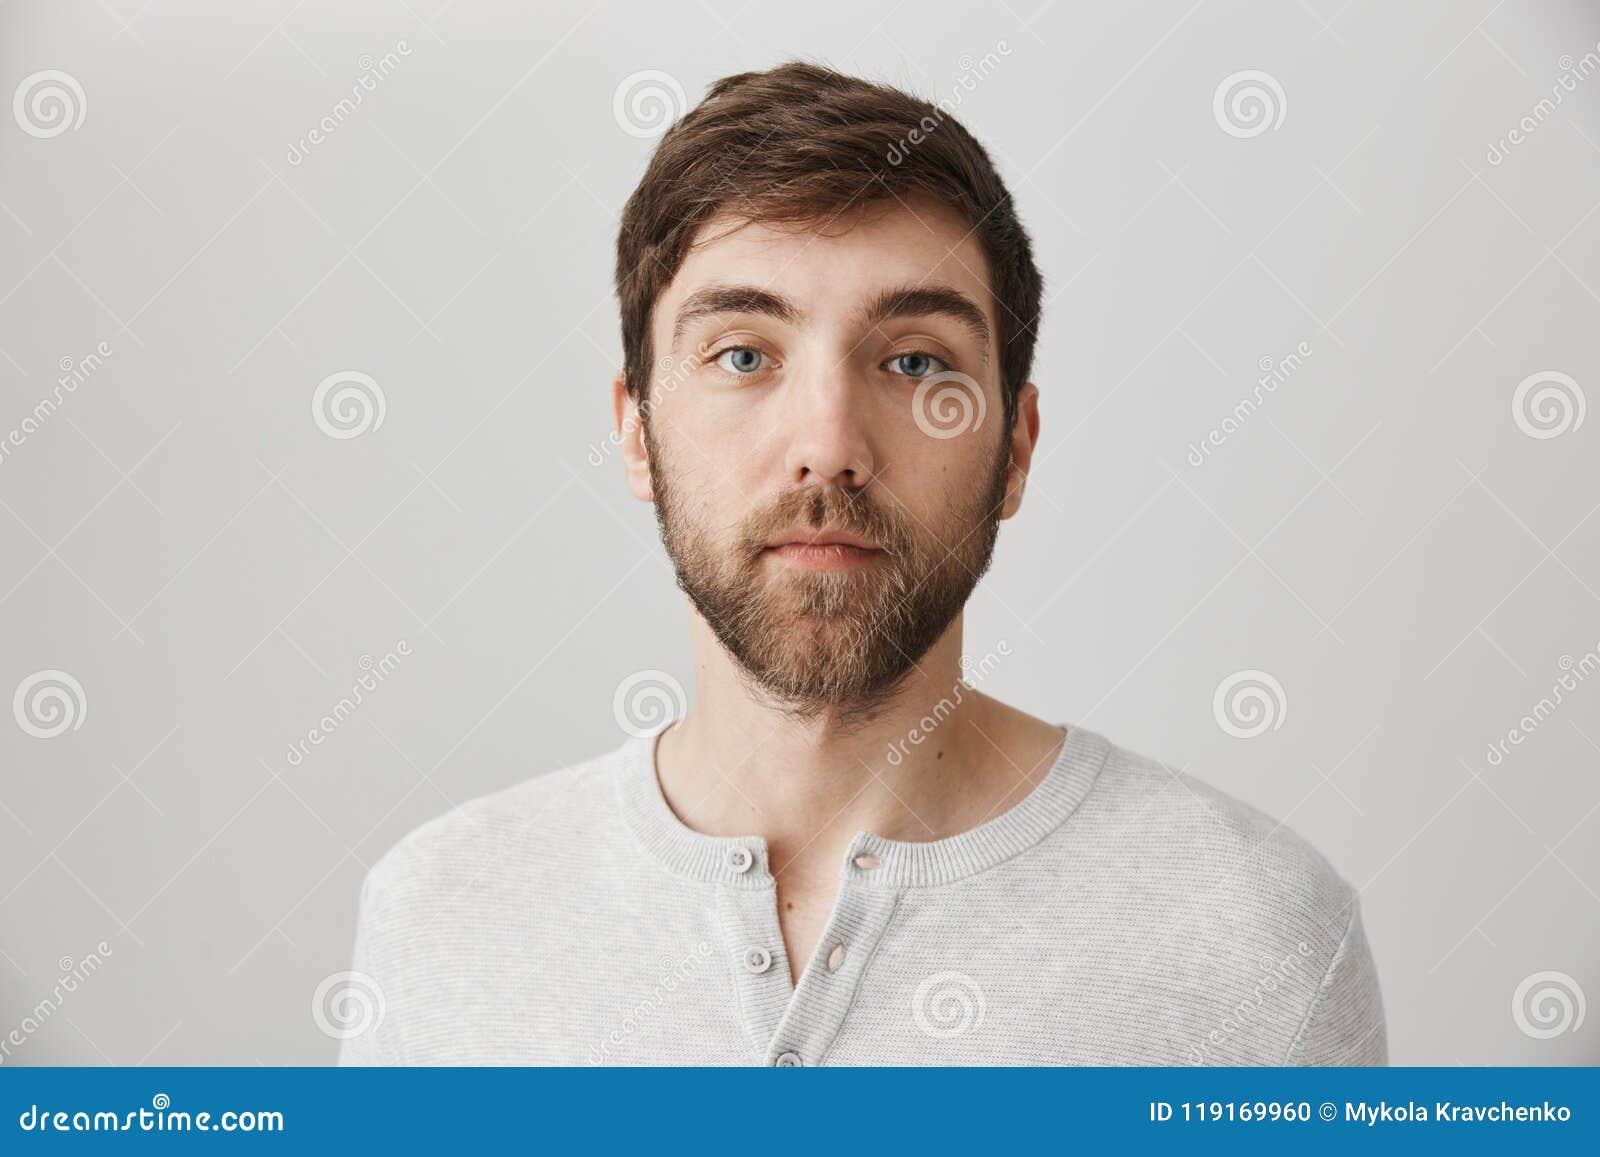 Κρατήστε ήρεμος και προσποιηθείτε ότι τίποτα δεν συνέβη Πορτρέτο του ήρεμου σοβαρού ώριμου αρσενικού με τη γενειάδα που στέκεται